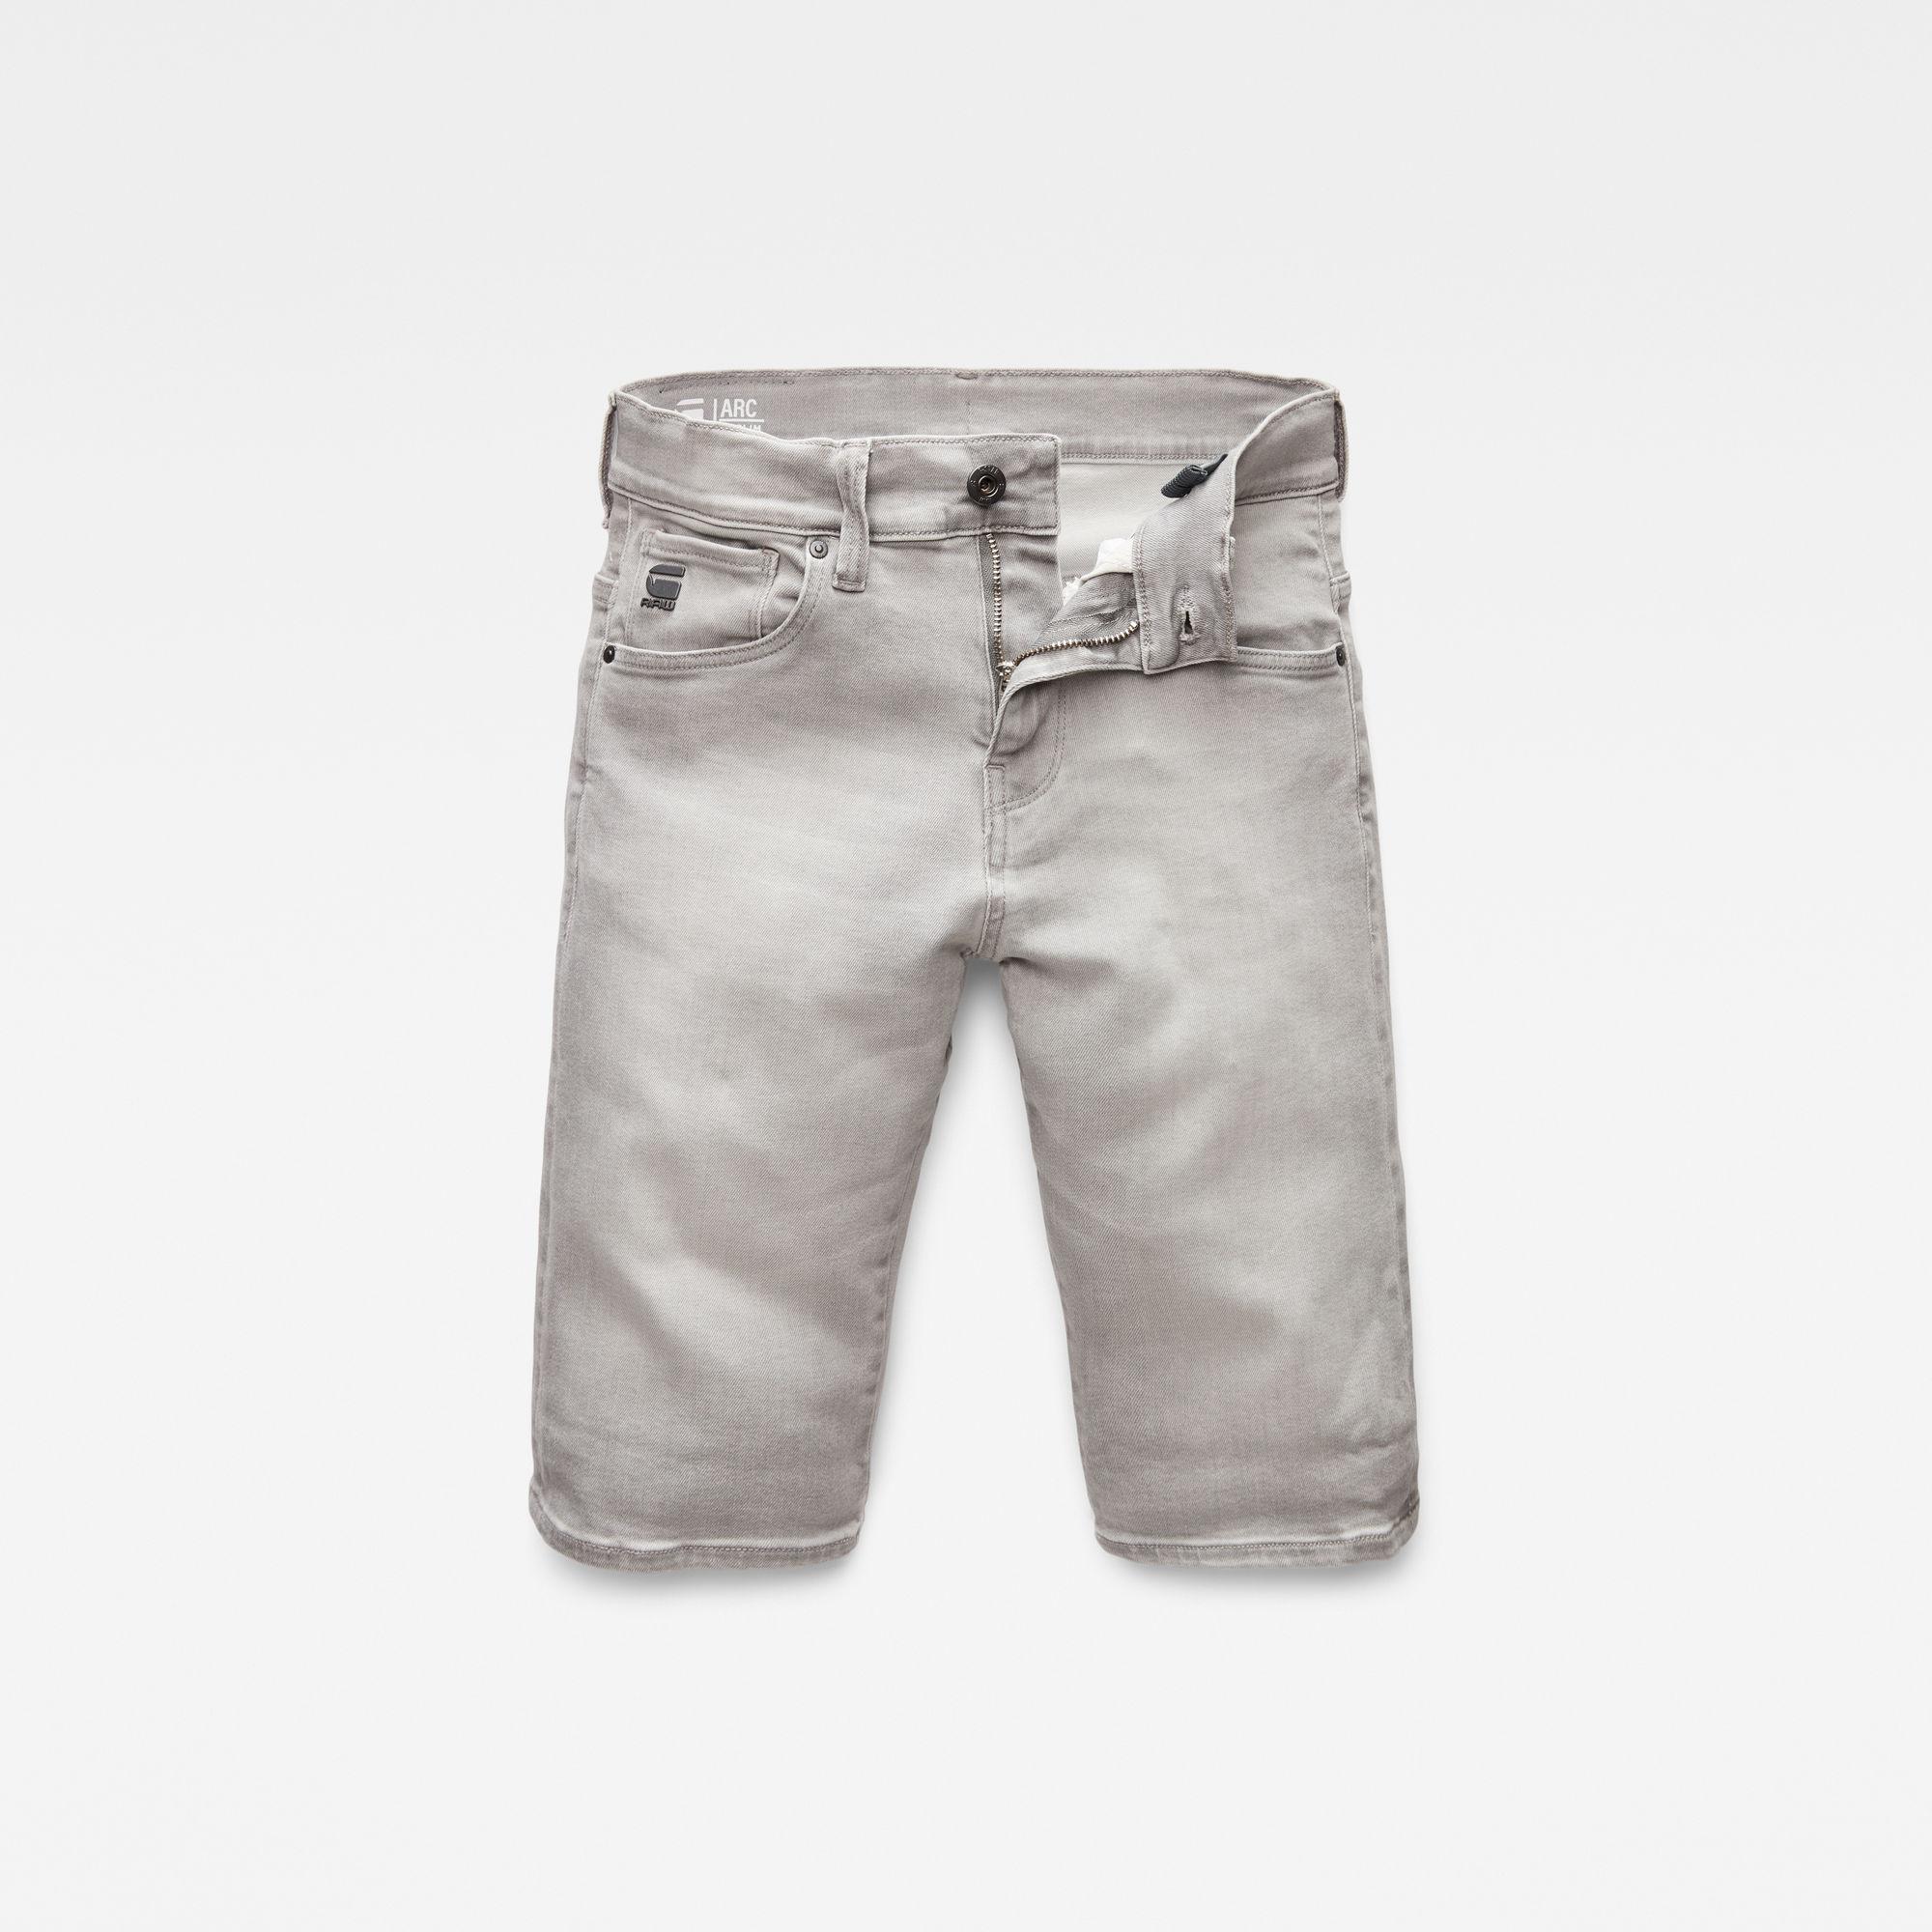 Arc Slim Short